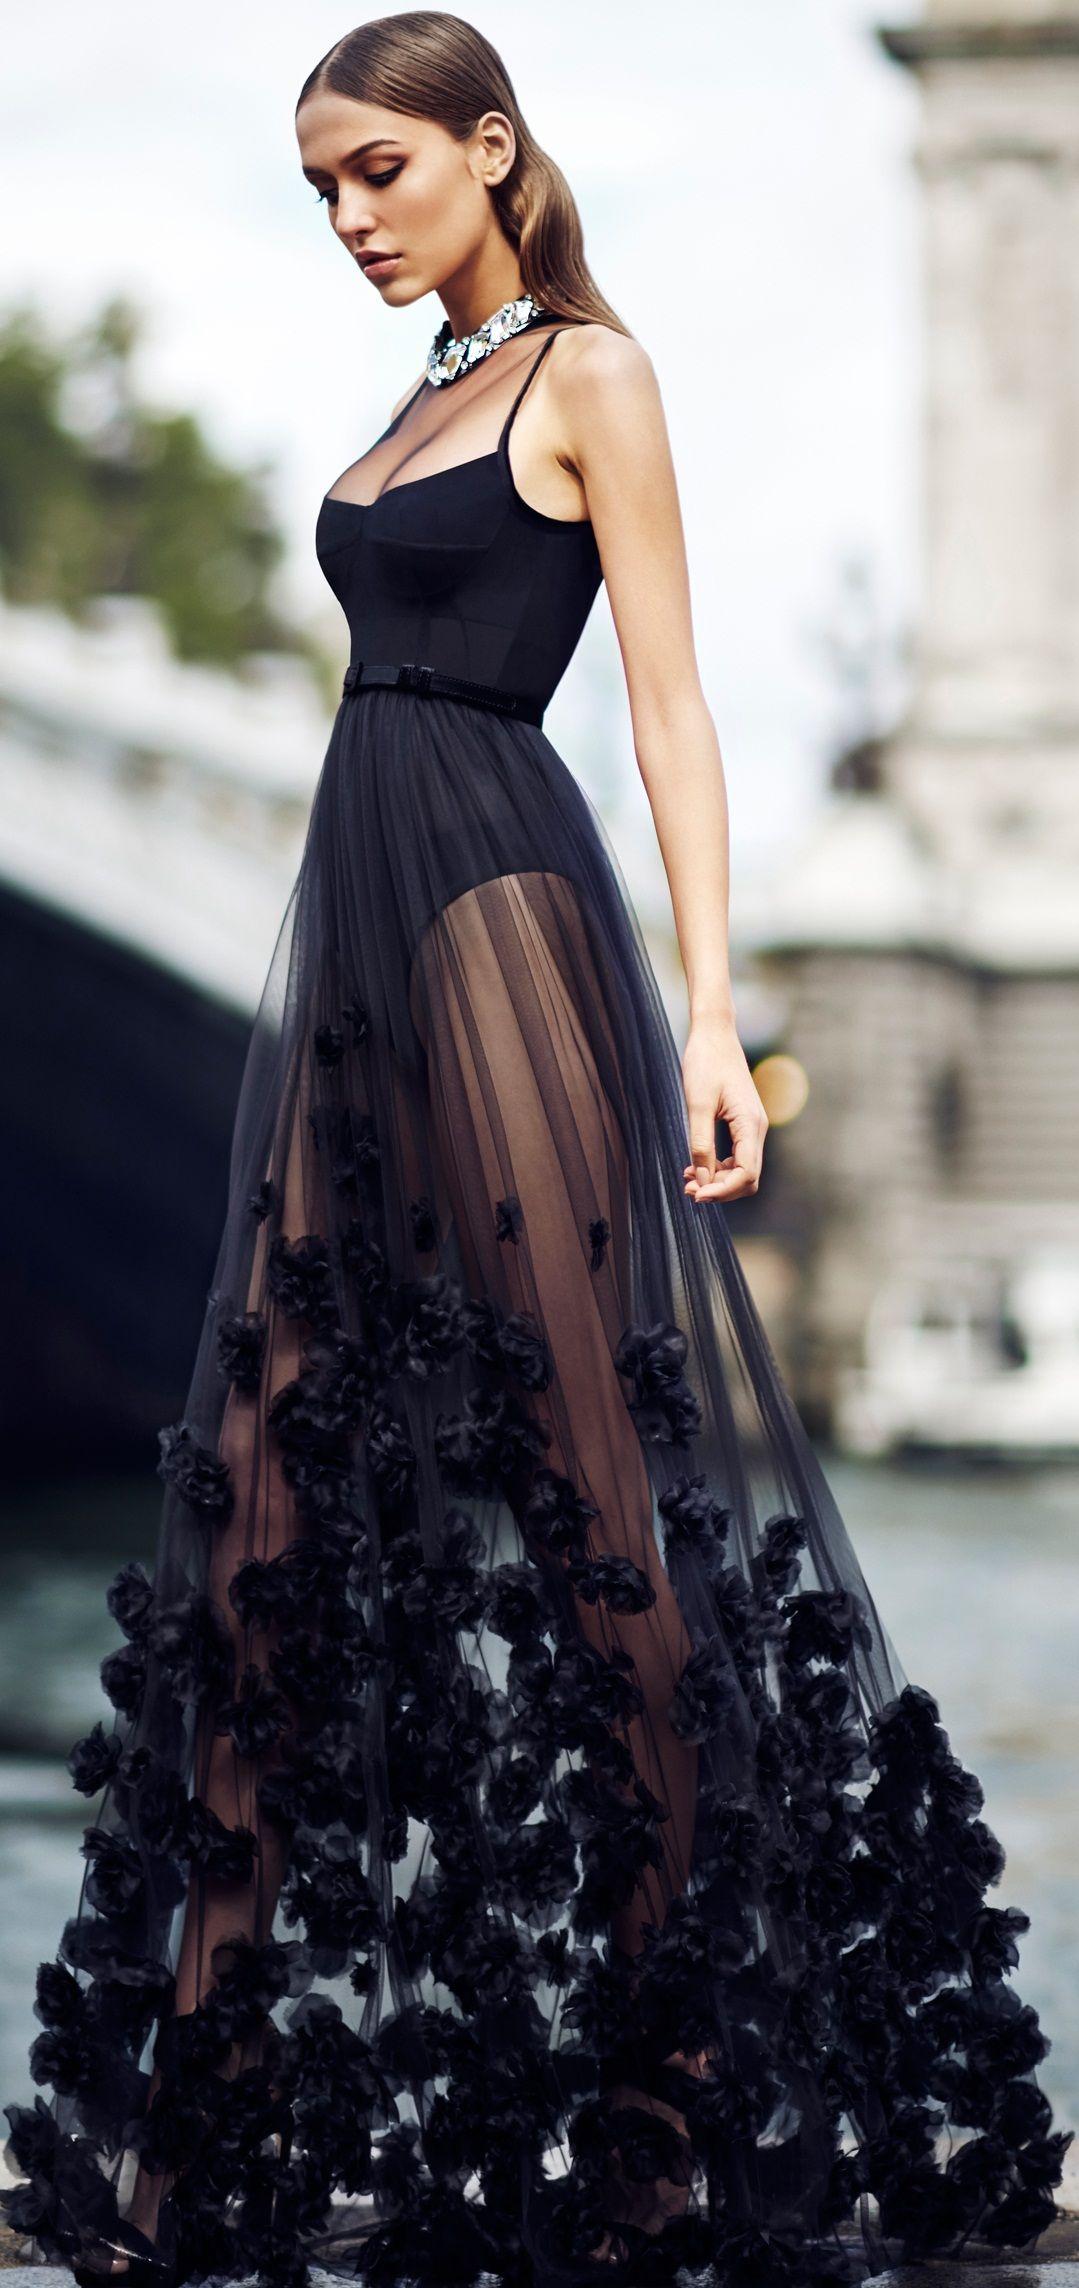 Westfield wedding dress  Ad Campaign Raquel Balencia HC AW uu  Fashionable Woman